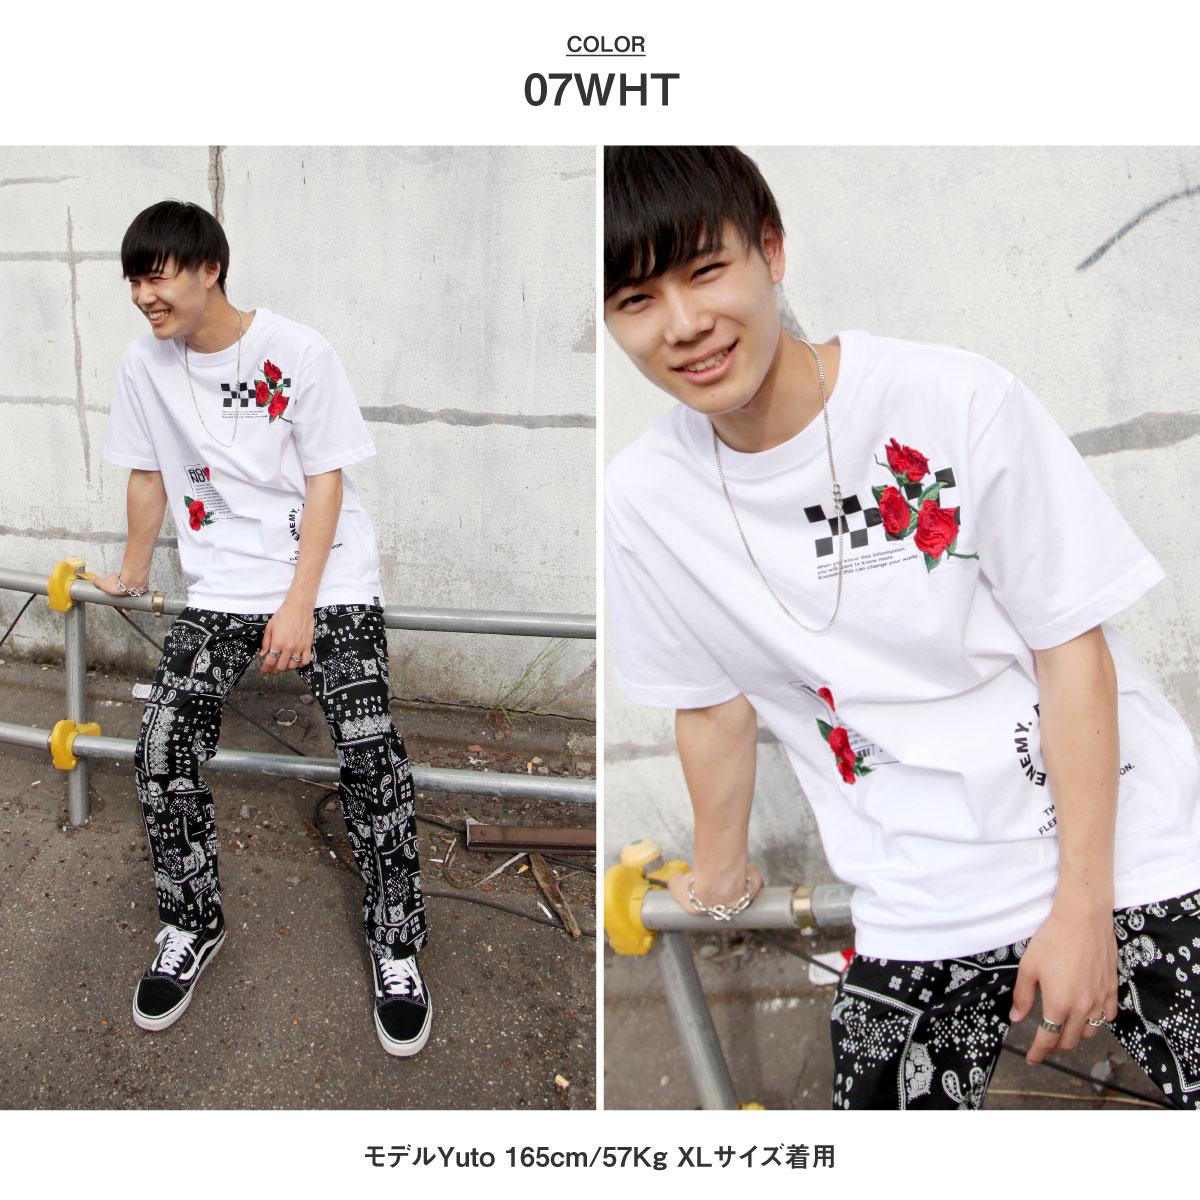 【New】ZIP 玫瑰刺繡短袖T恤 2